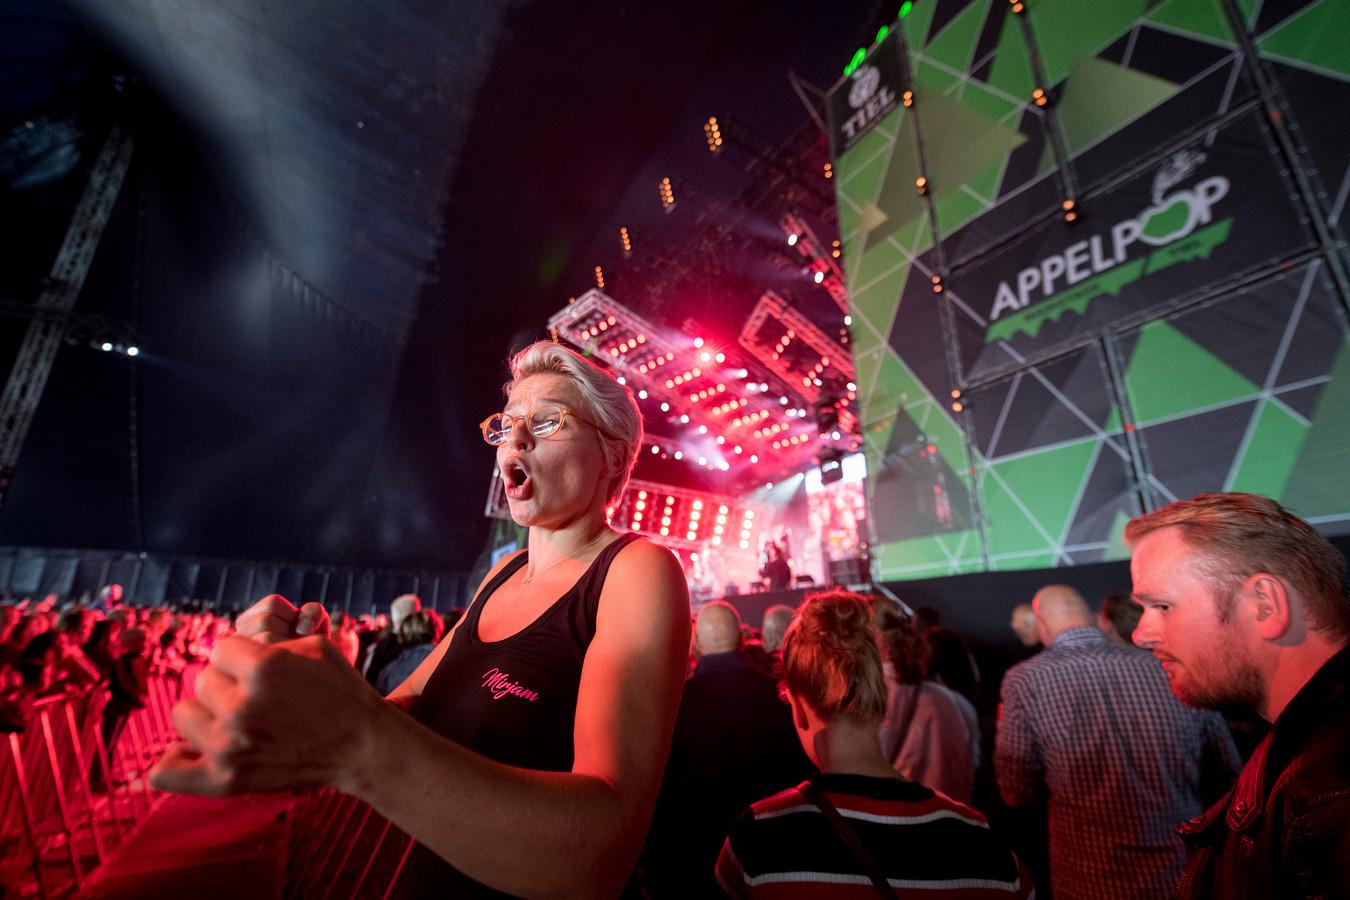 Muziektolk Mirjam Stolk vertaalt op Appelpop de teksten en de muziek van Waylon voor doven en slechthorenden.